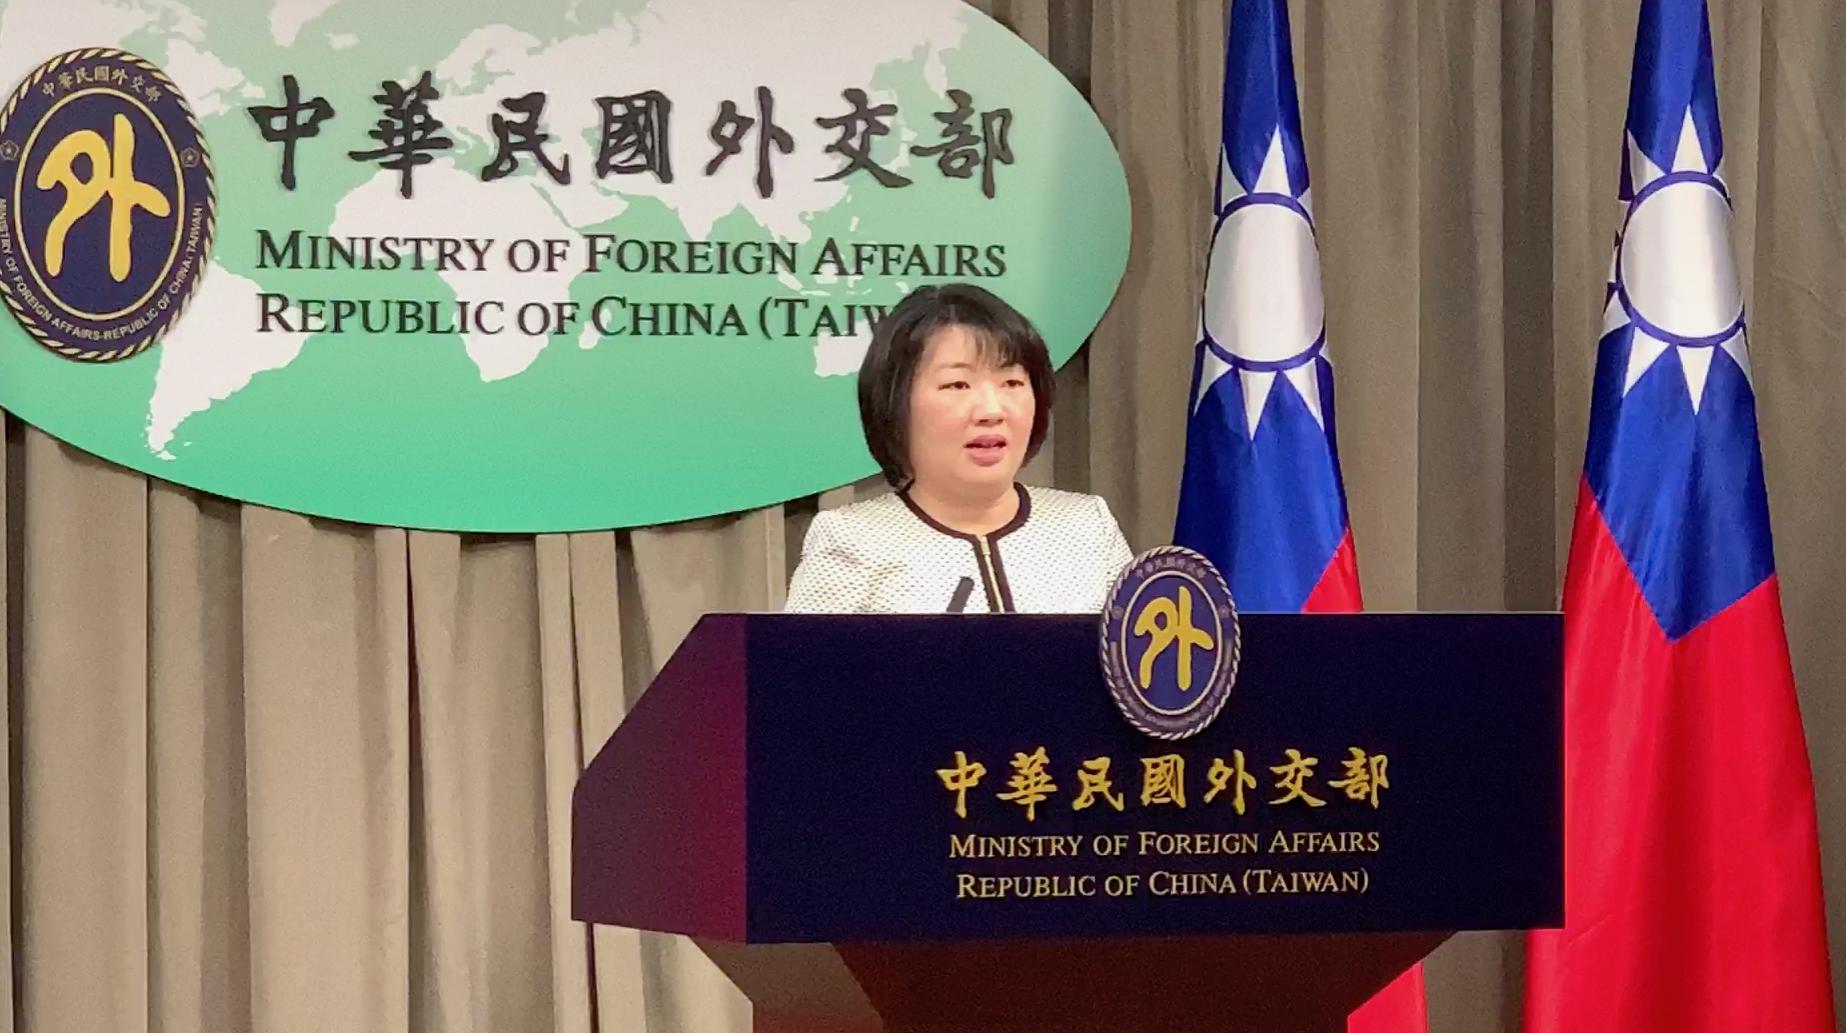 台湾外交部欧洲司副司长陈咏韶12日在例行记者会上指出,欧洲政要、媒体对台湾防疫奏效,多作探讨和推崇。(记者夏小华摄)